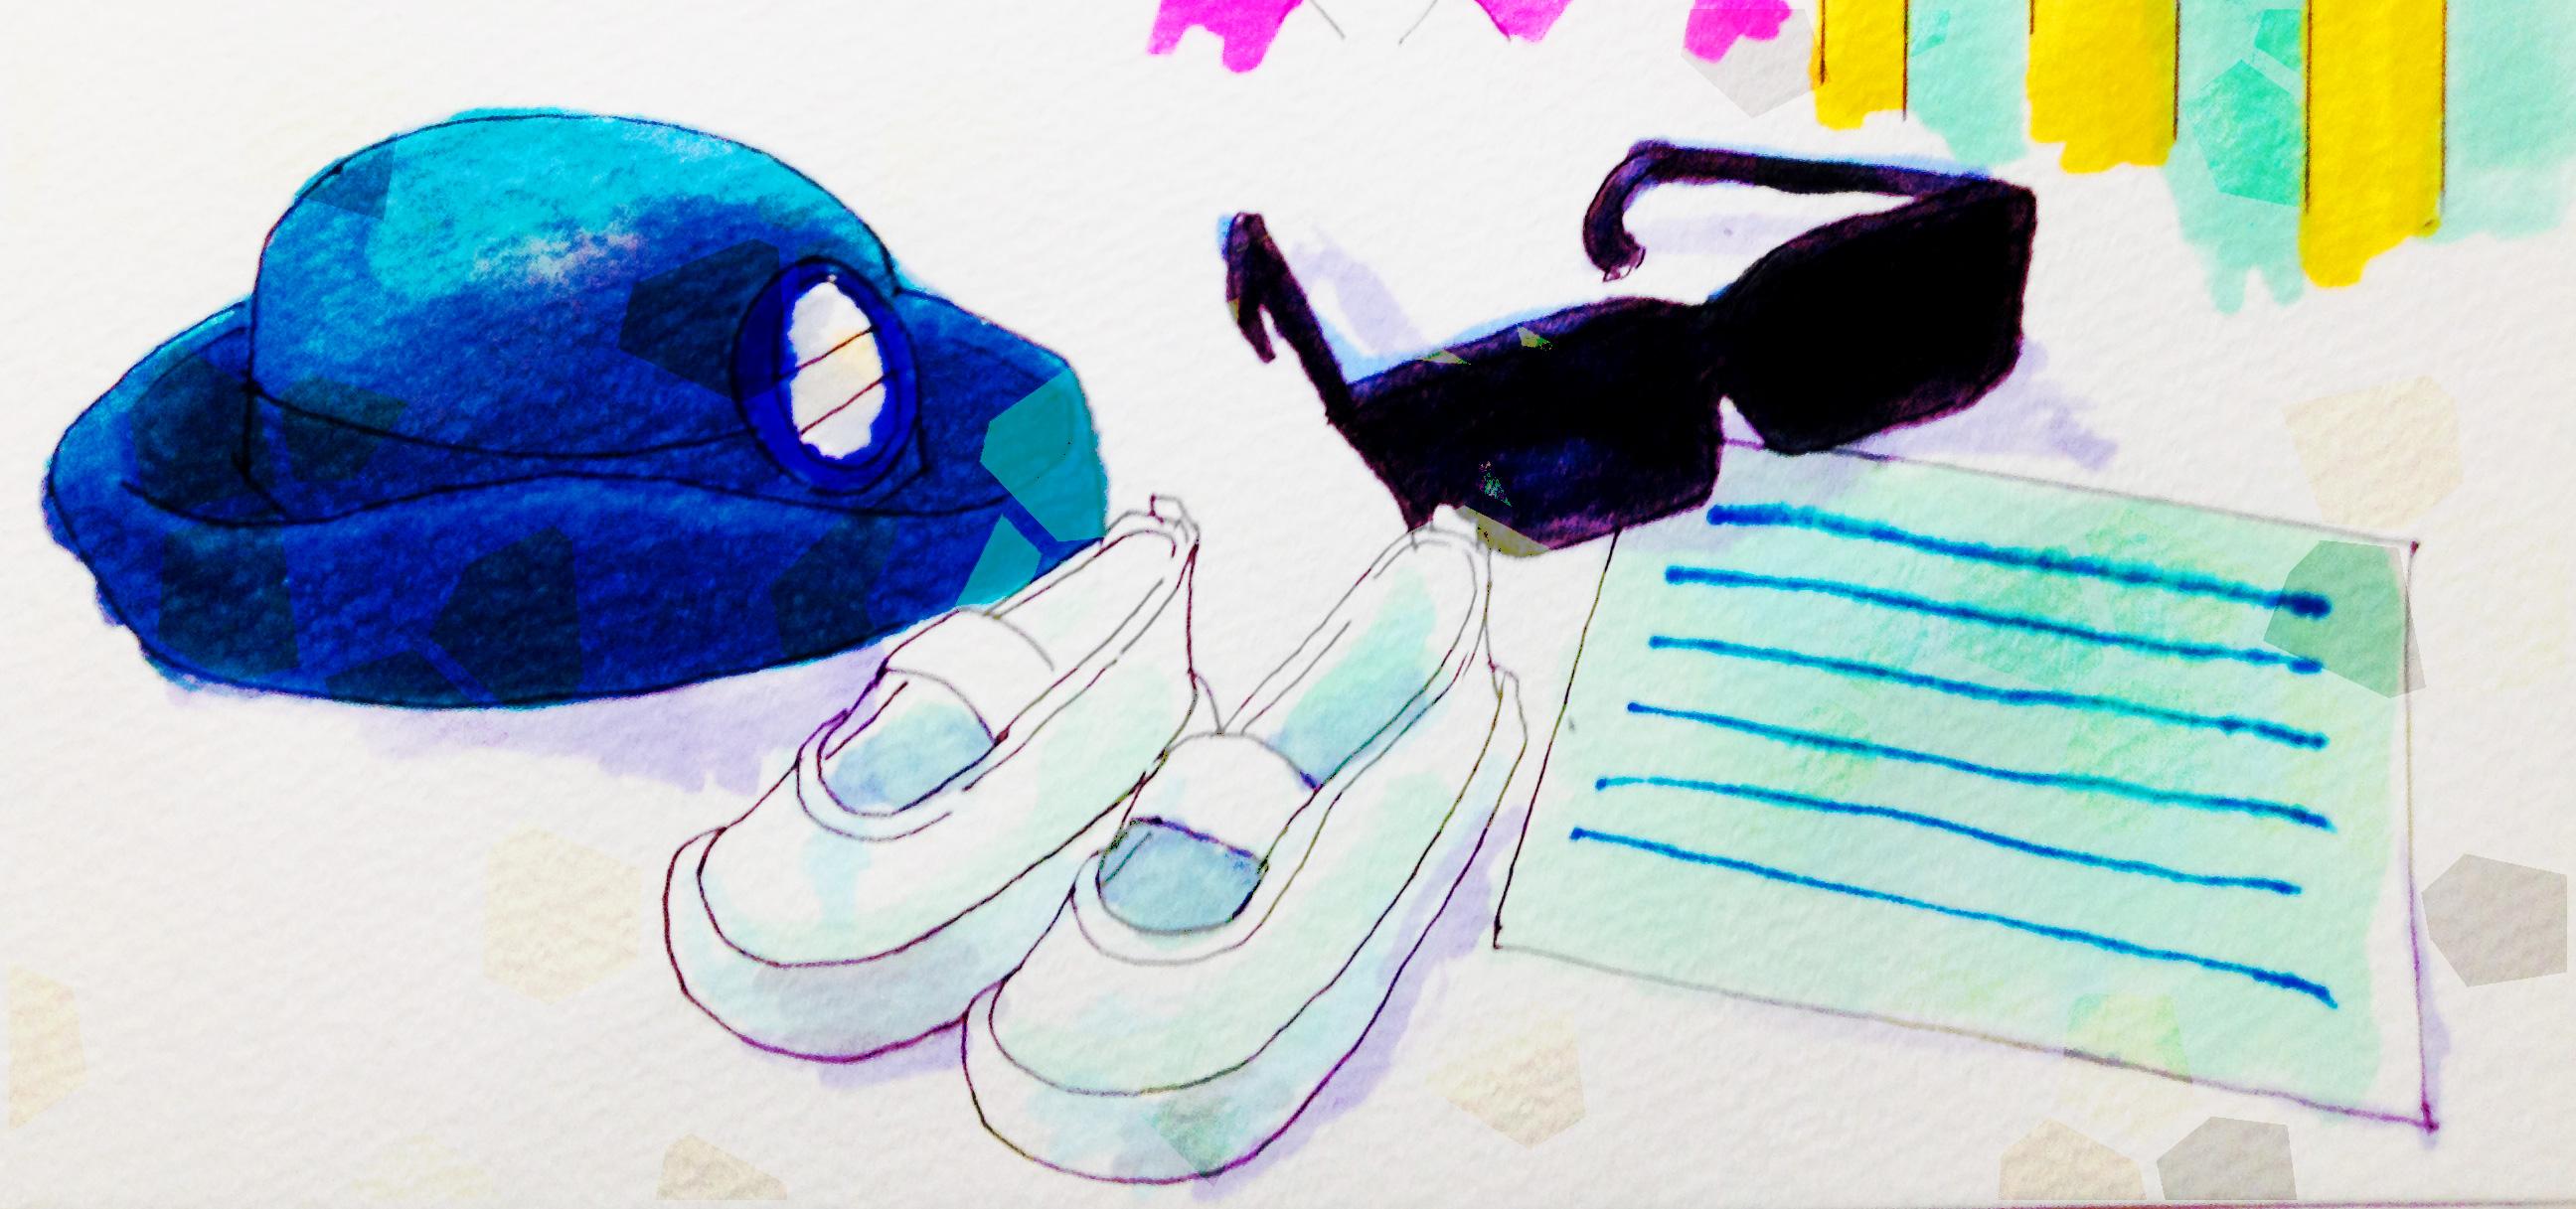 井上陽水の歌の思い出を詰めあわせたイメージをコピックマーカーを使って描いたイラスト